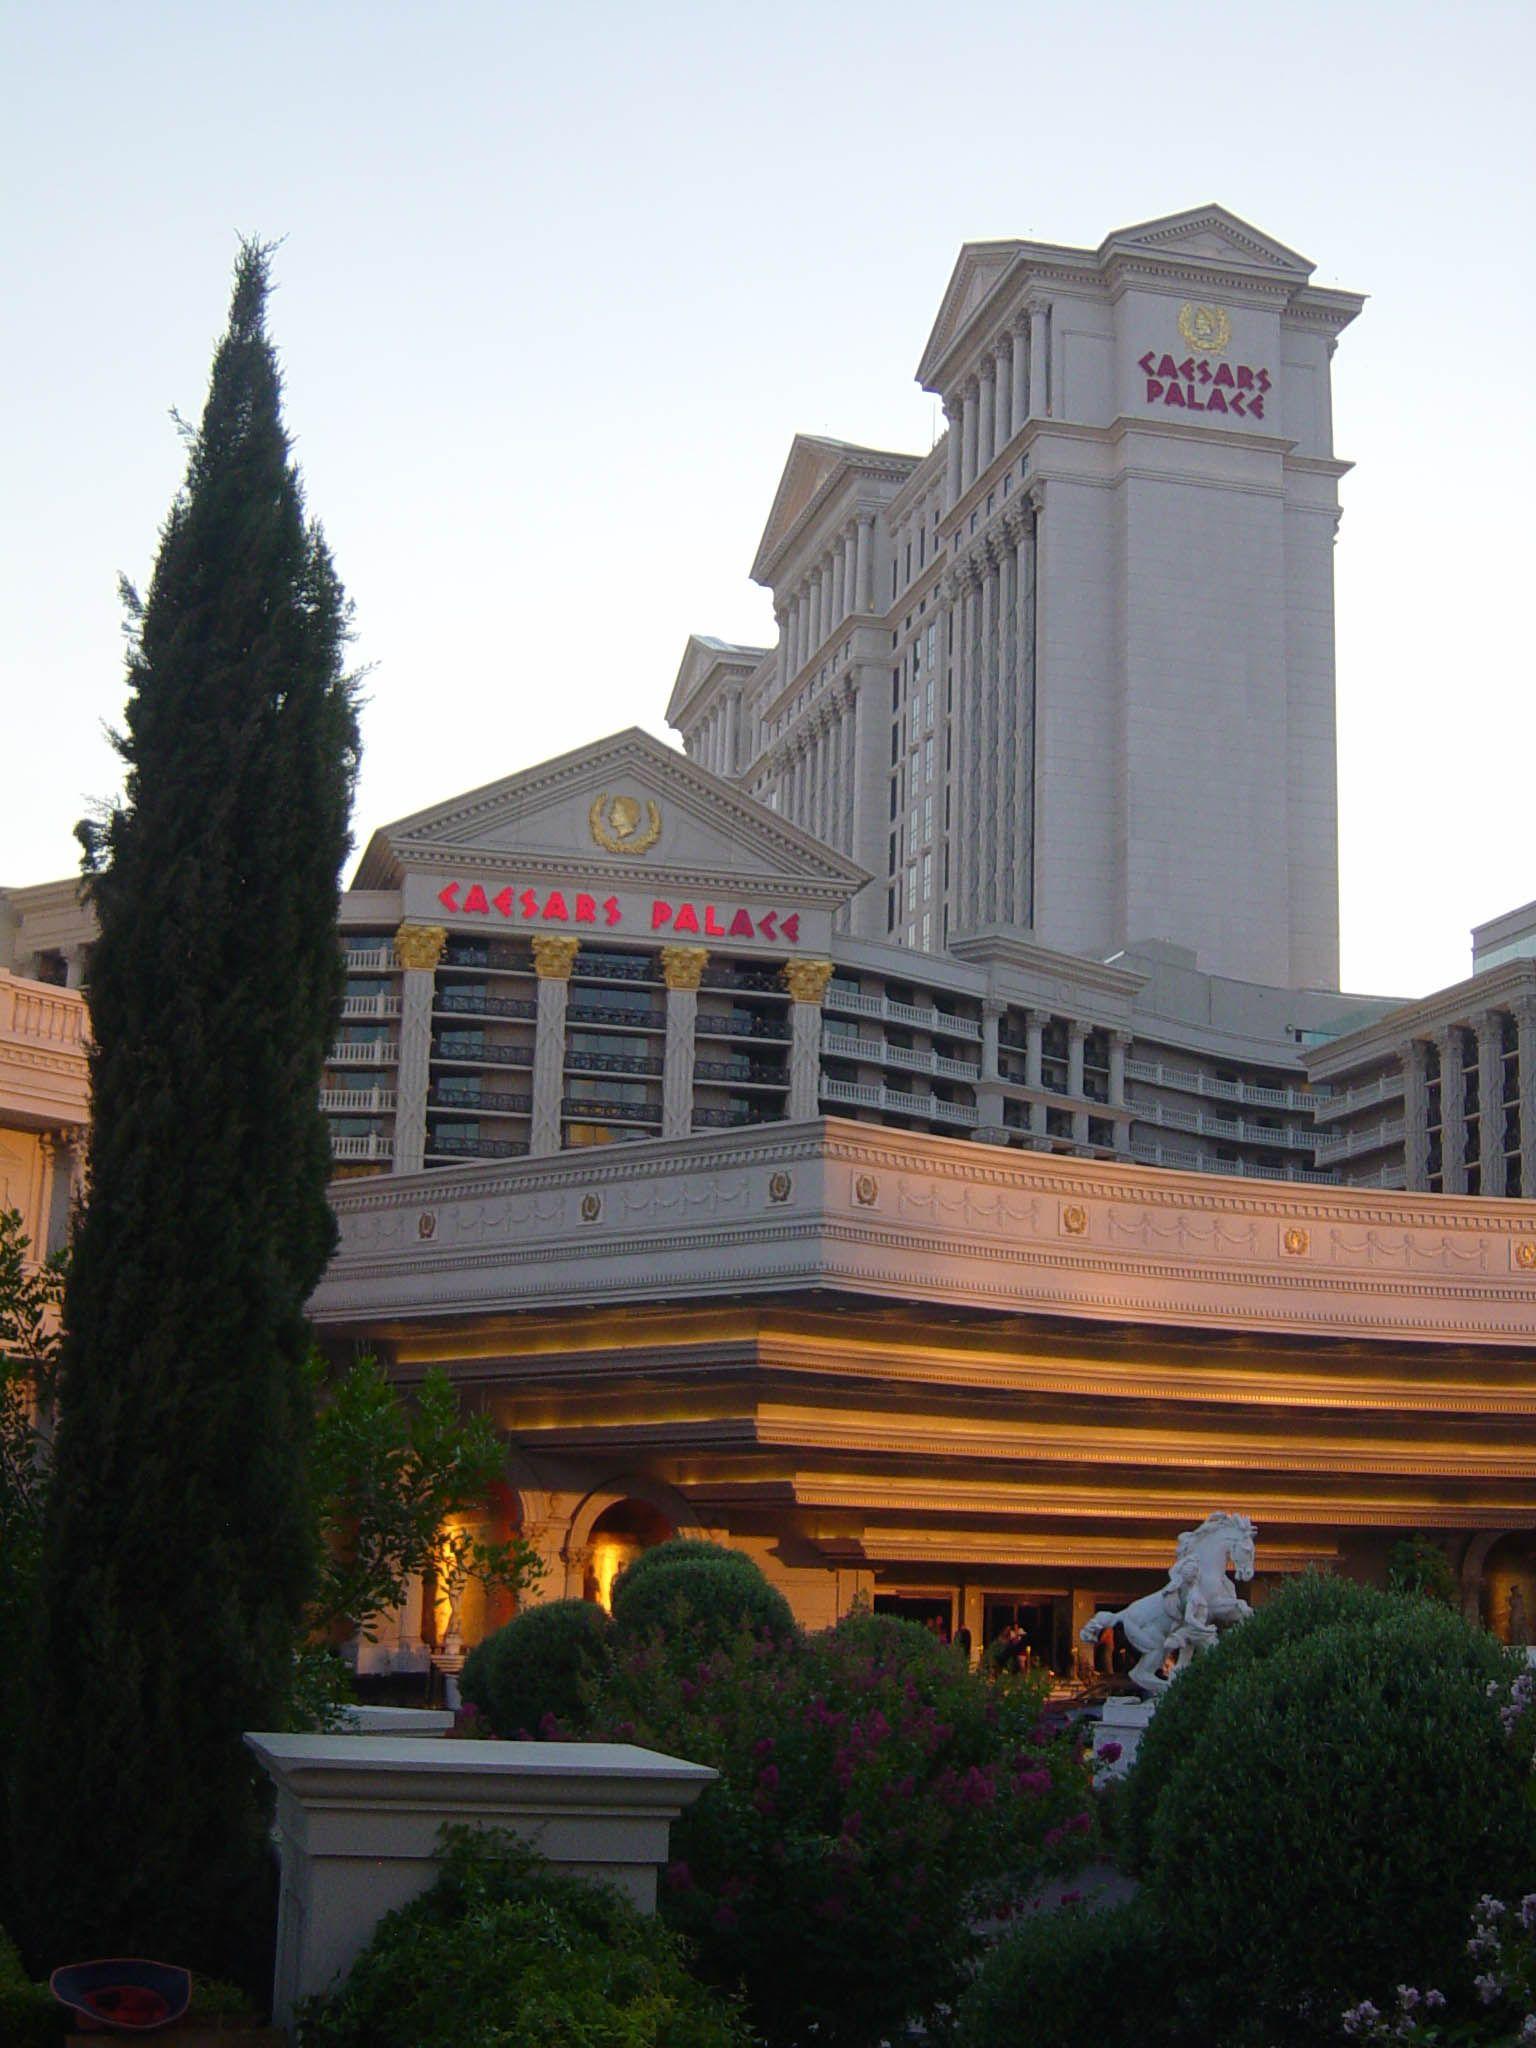 Las Vegas (2007)